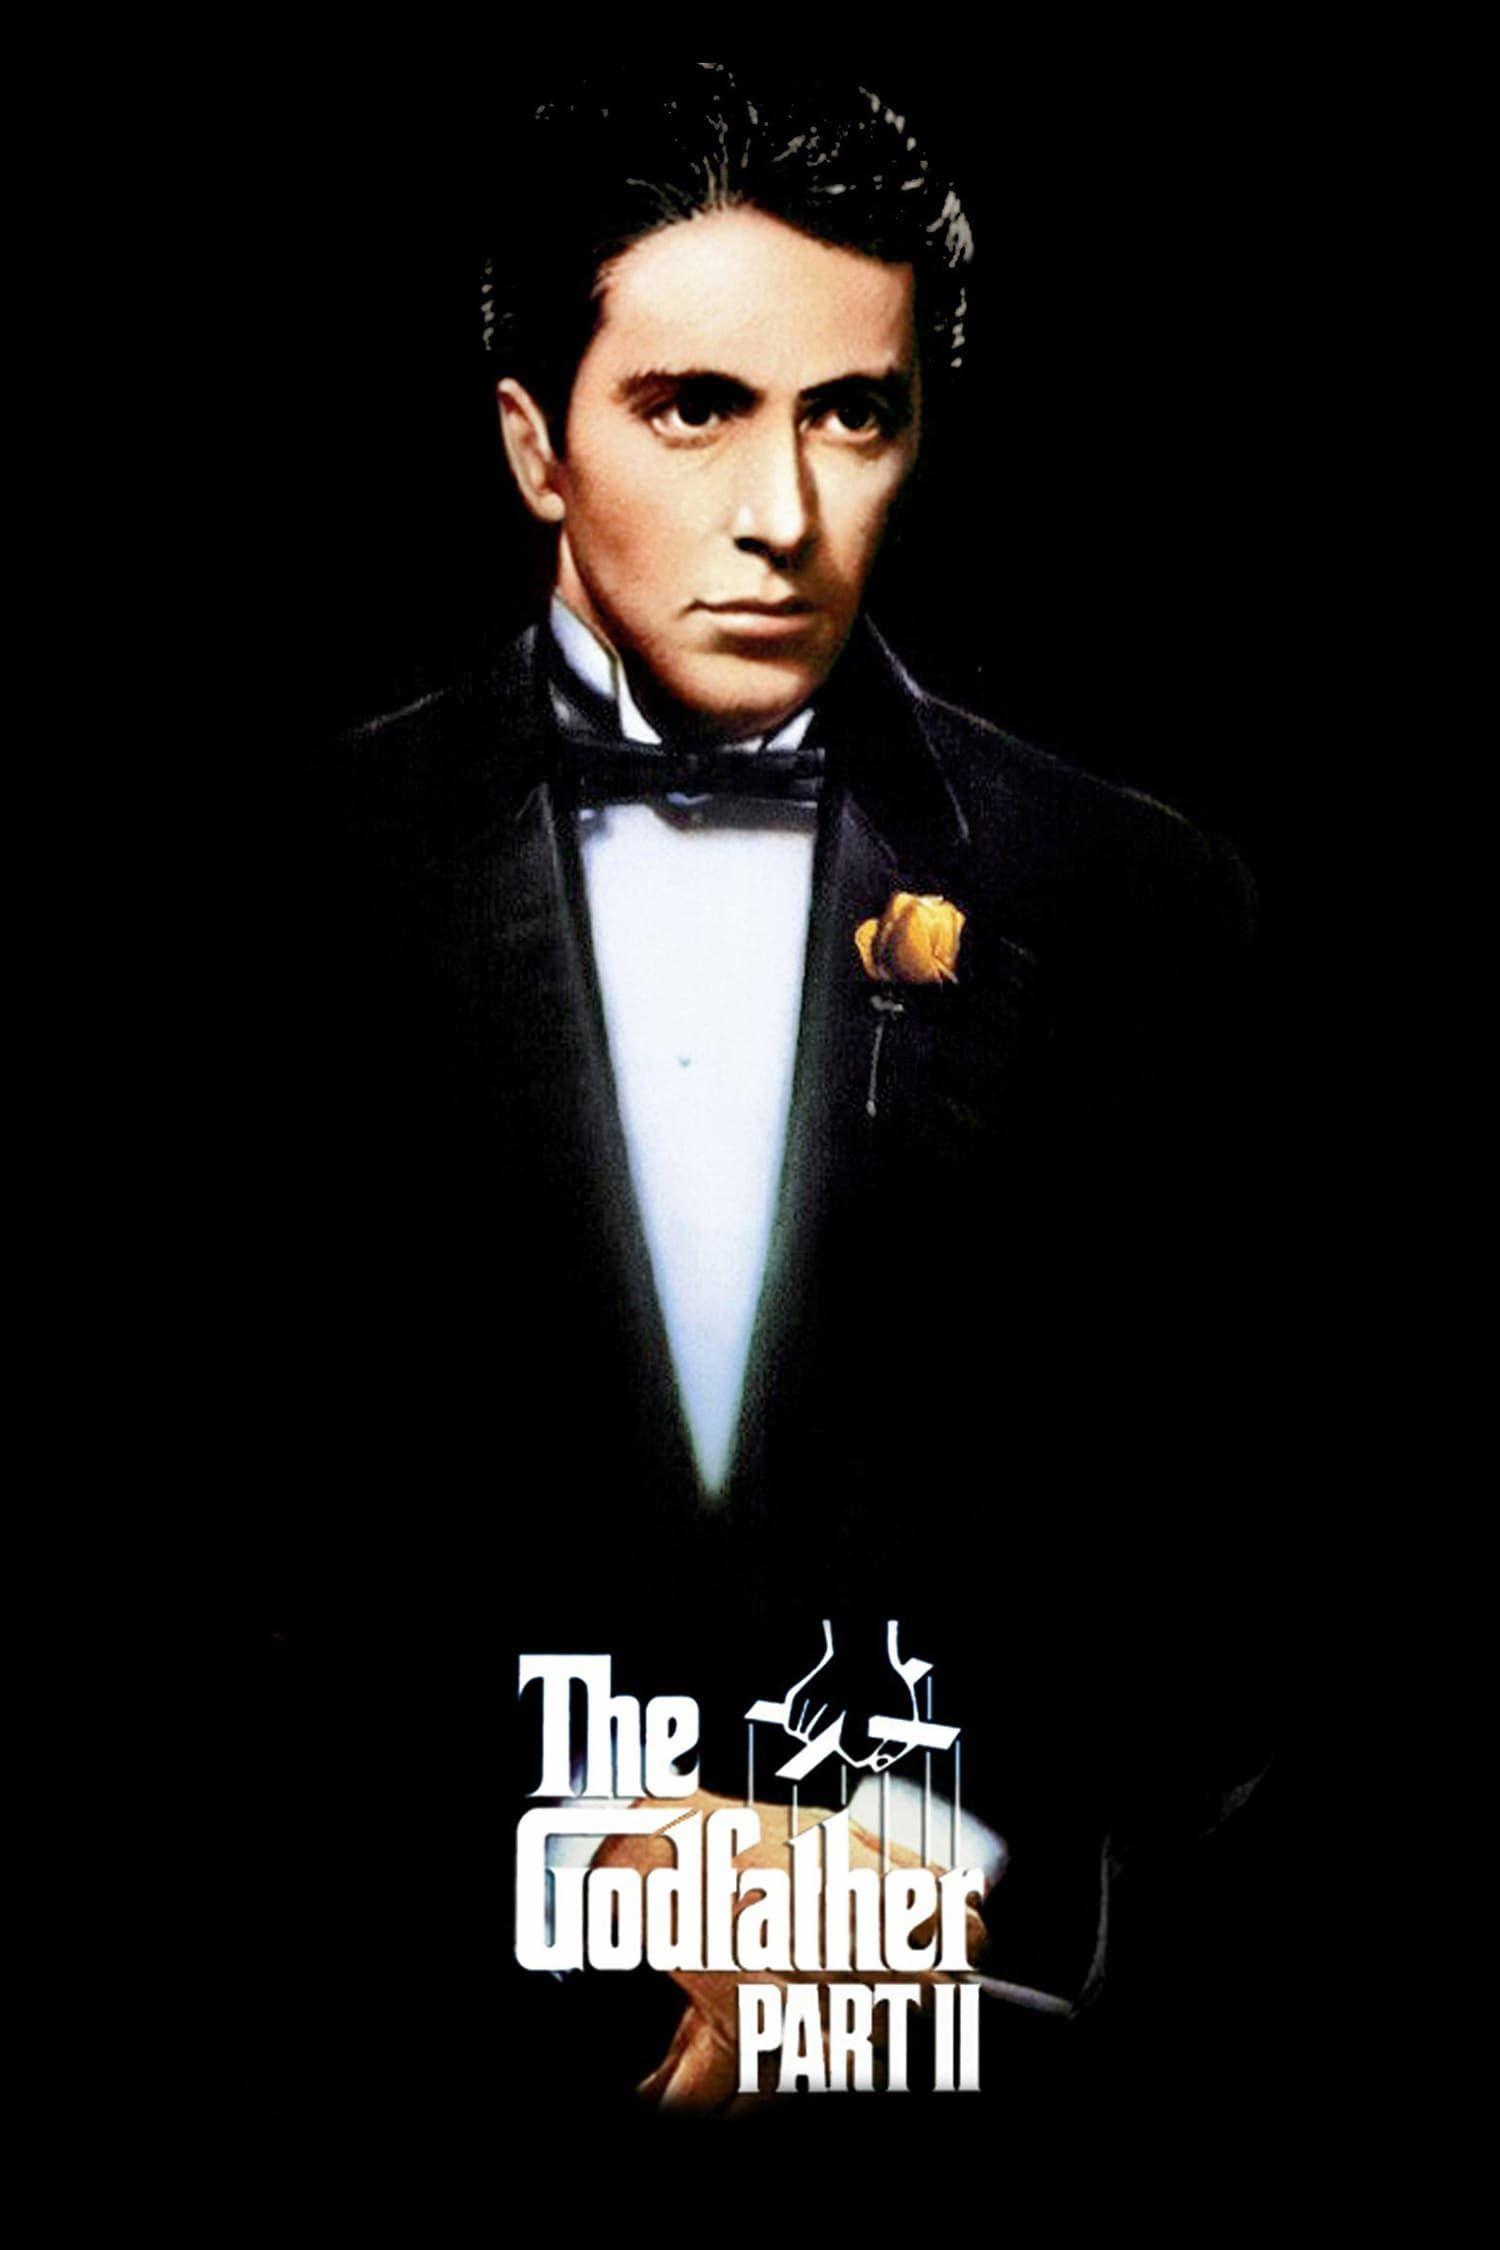 Corleone quotes italian vito Vito Corleone